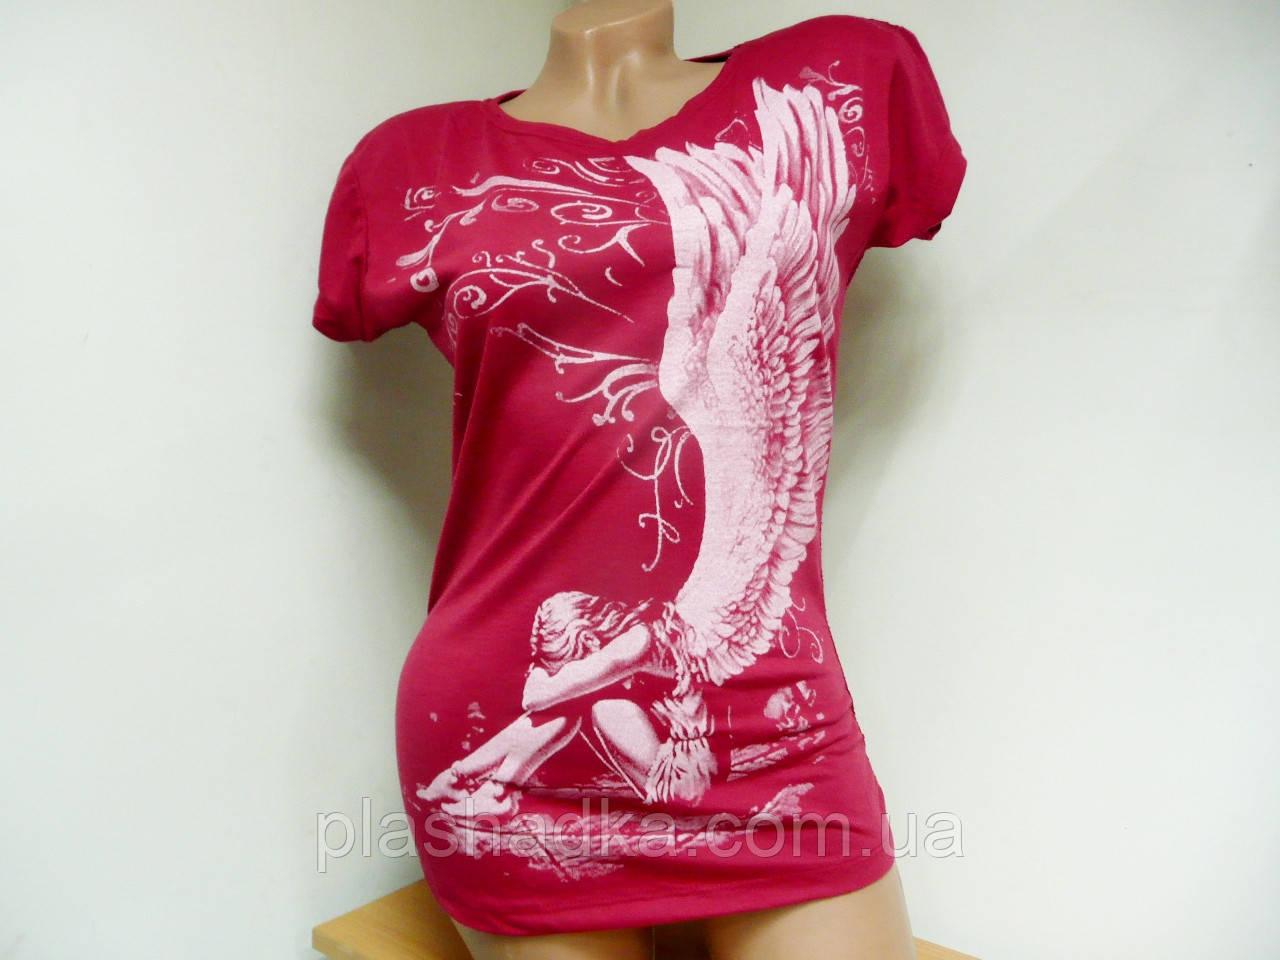 Летняя женская футболка, спина сетка - PLASHADKA.COM.UA в Запорожье